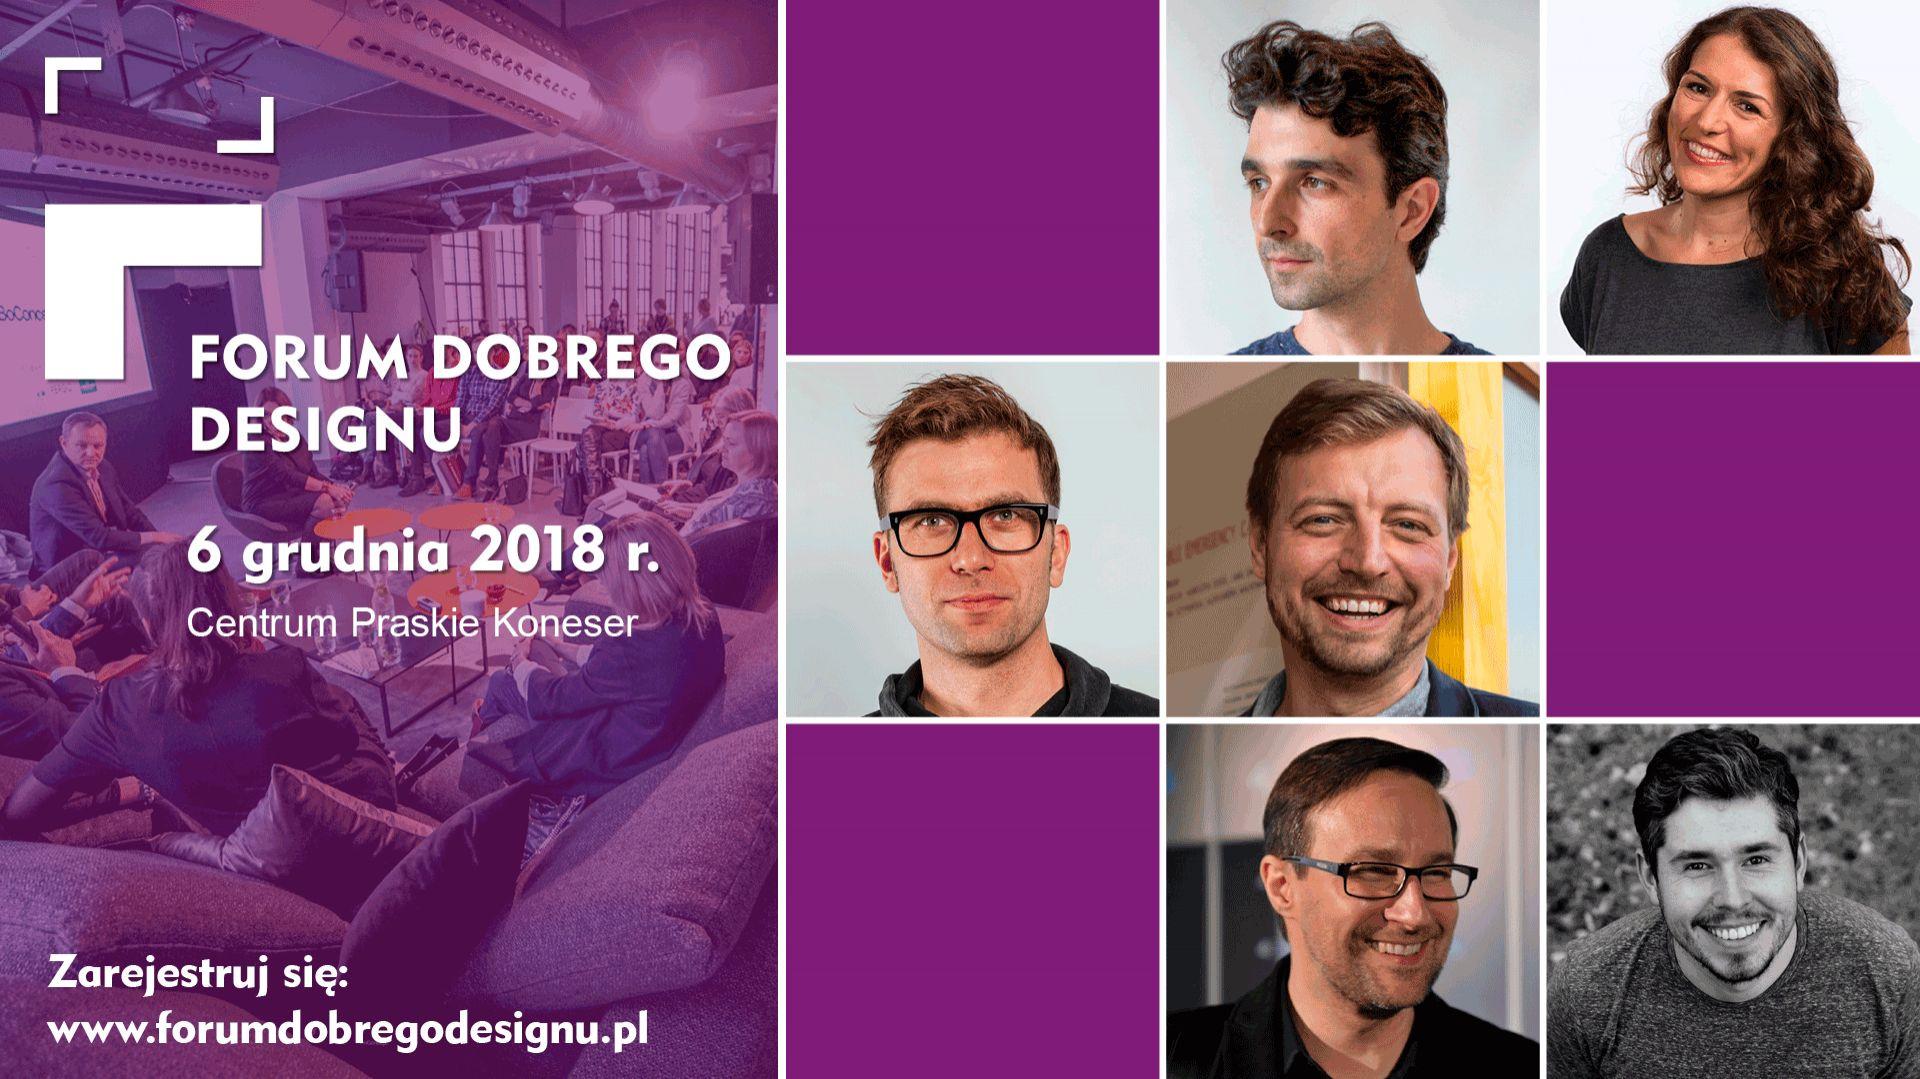 Forum Dobrego Designu 2018 - 6 grudnia br., Warszawa.